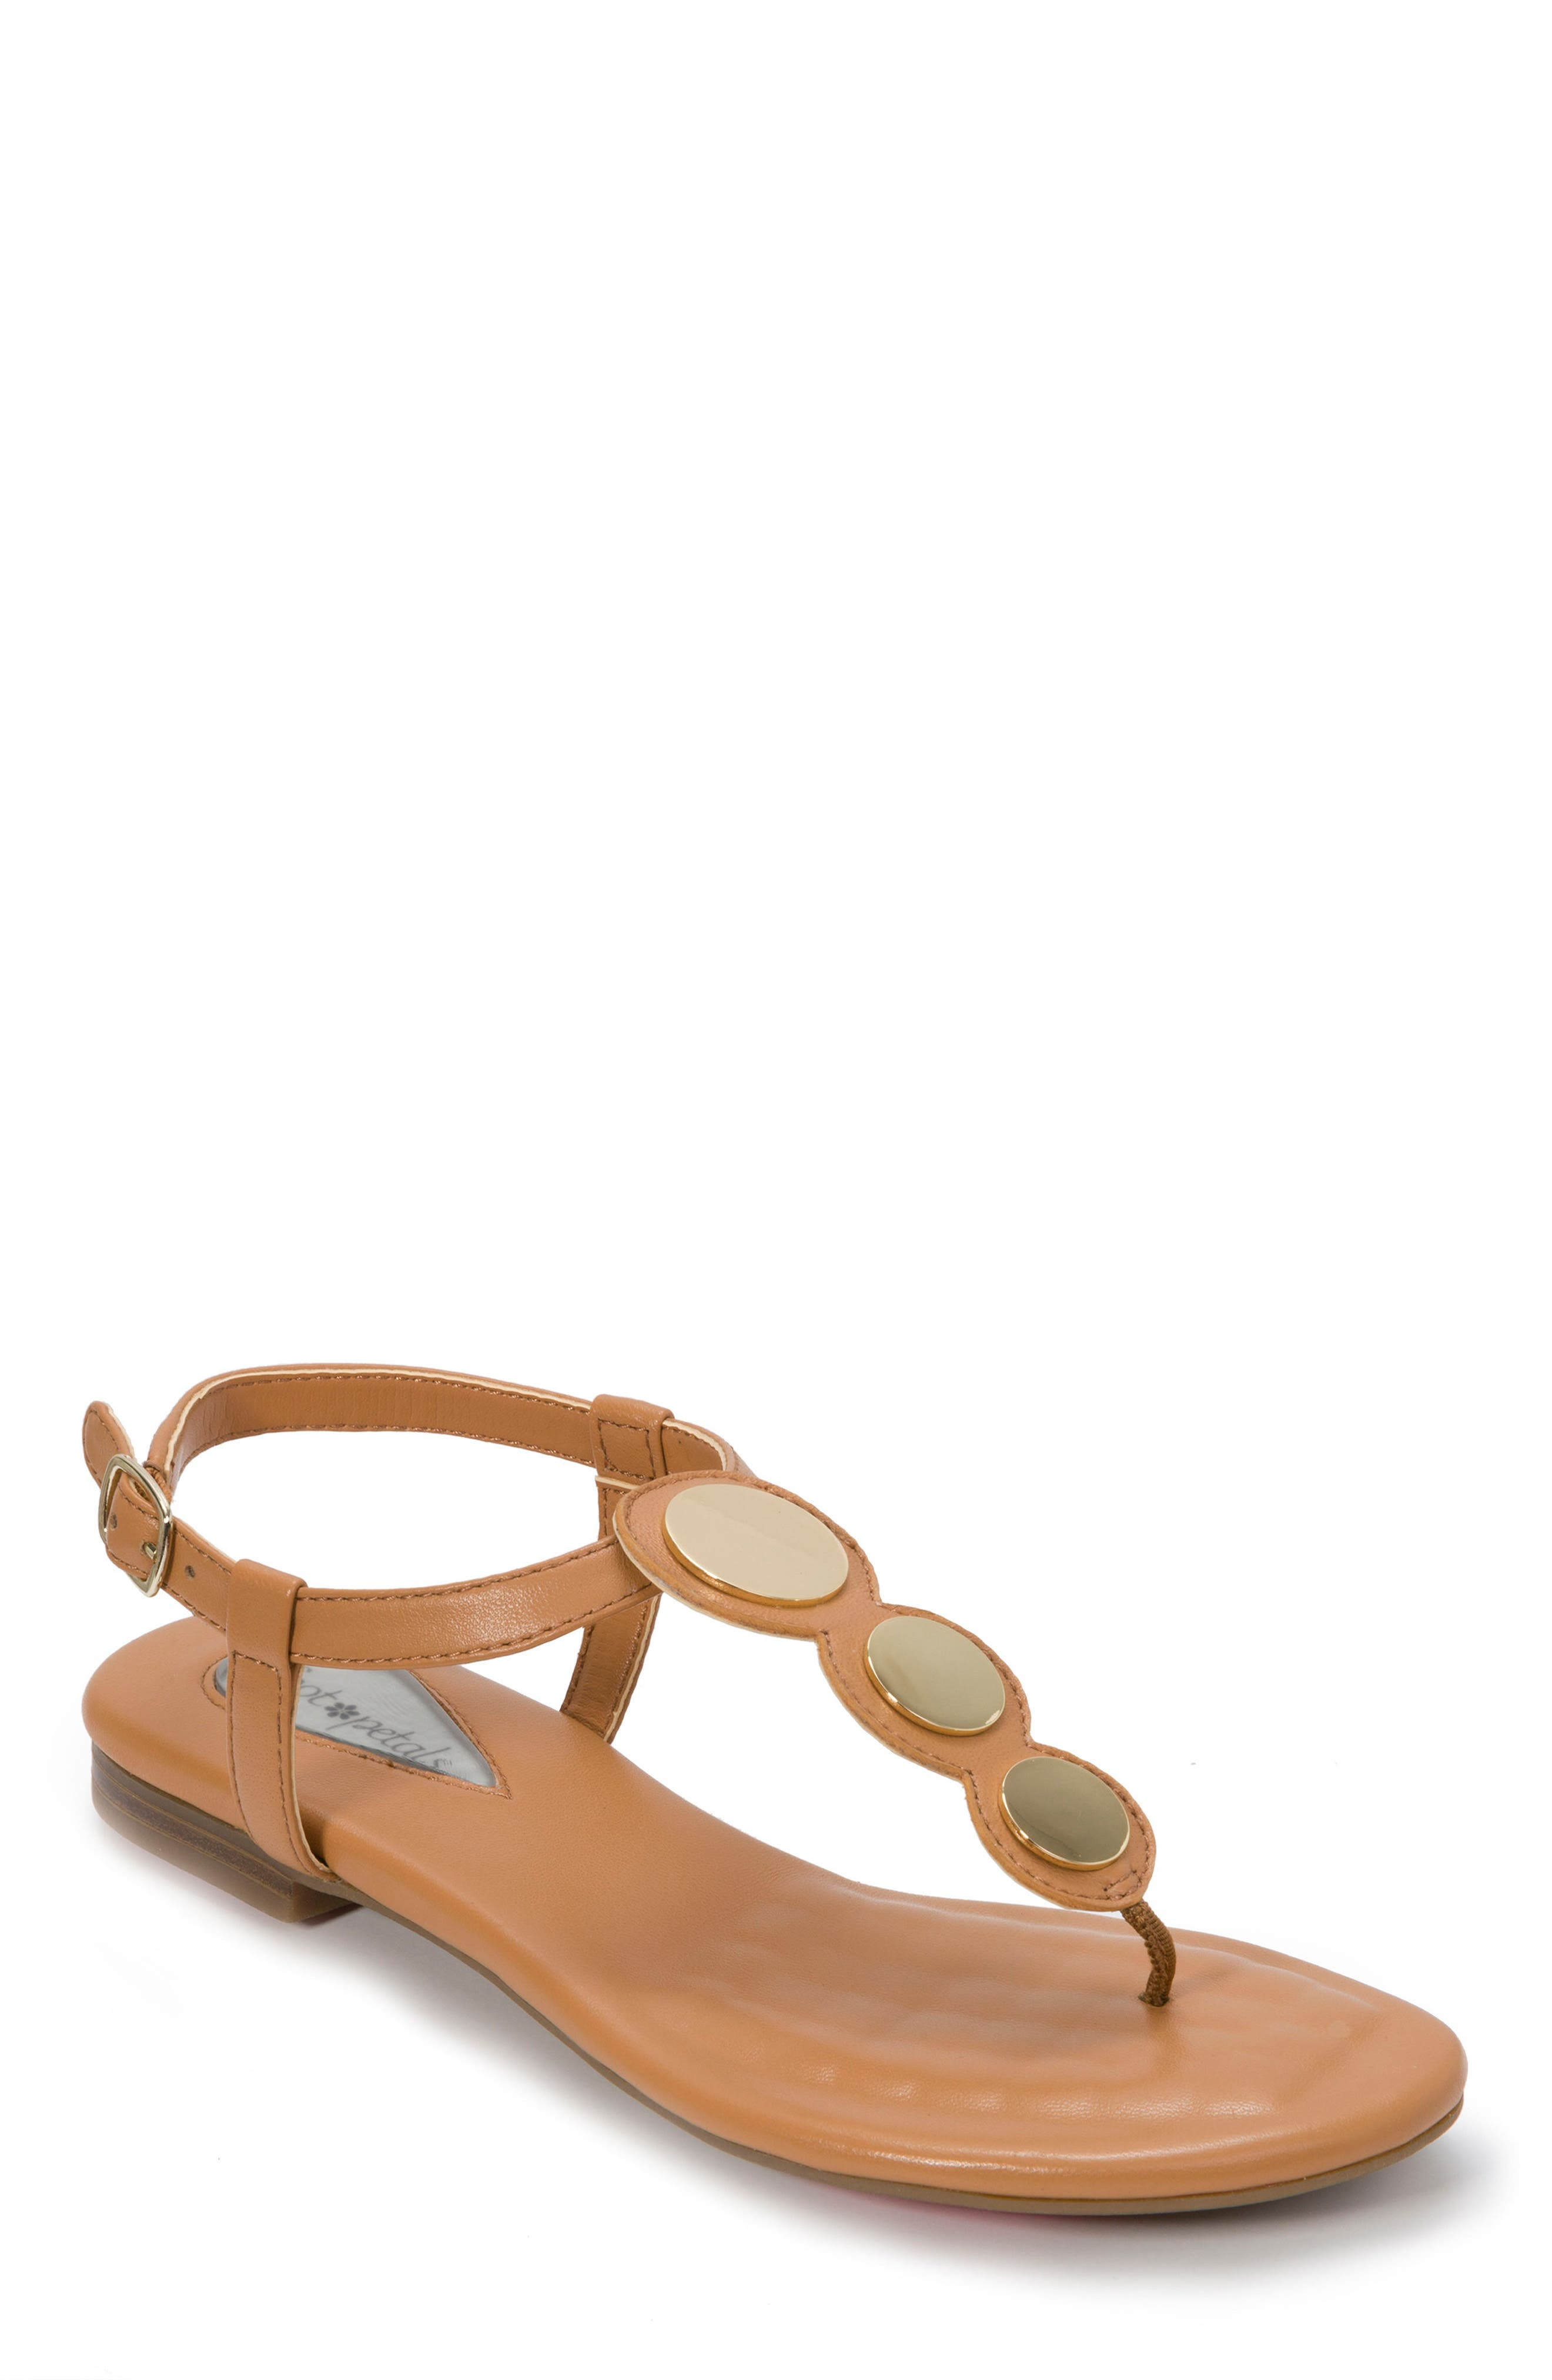 FOOT PETALS ELLIE SANDAL